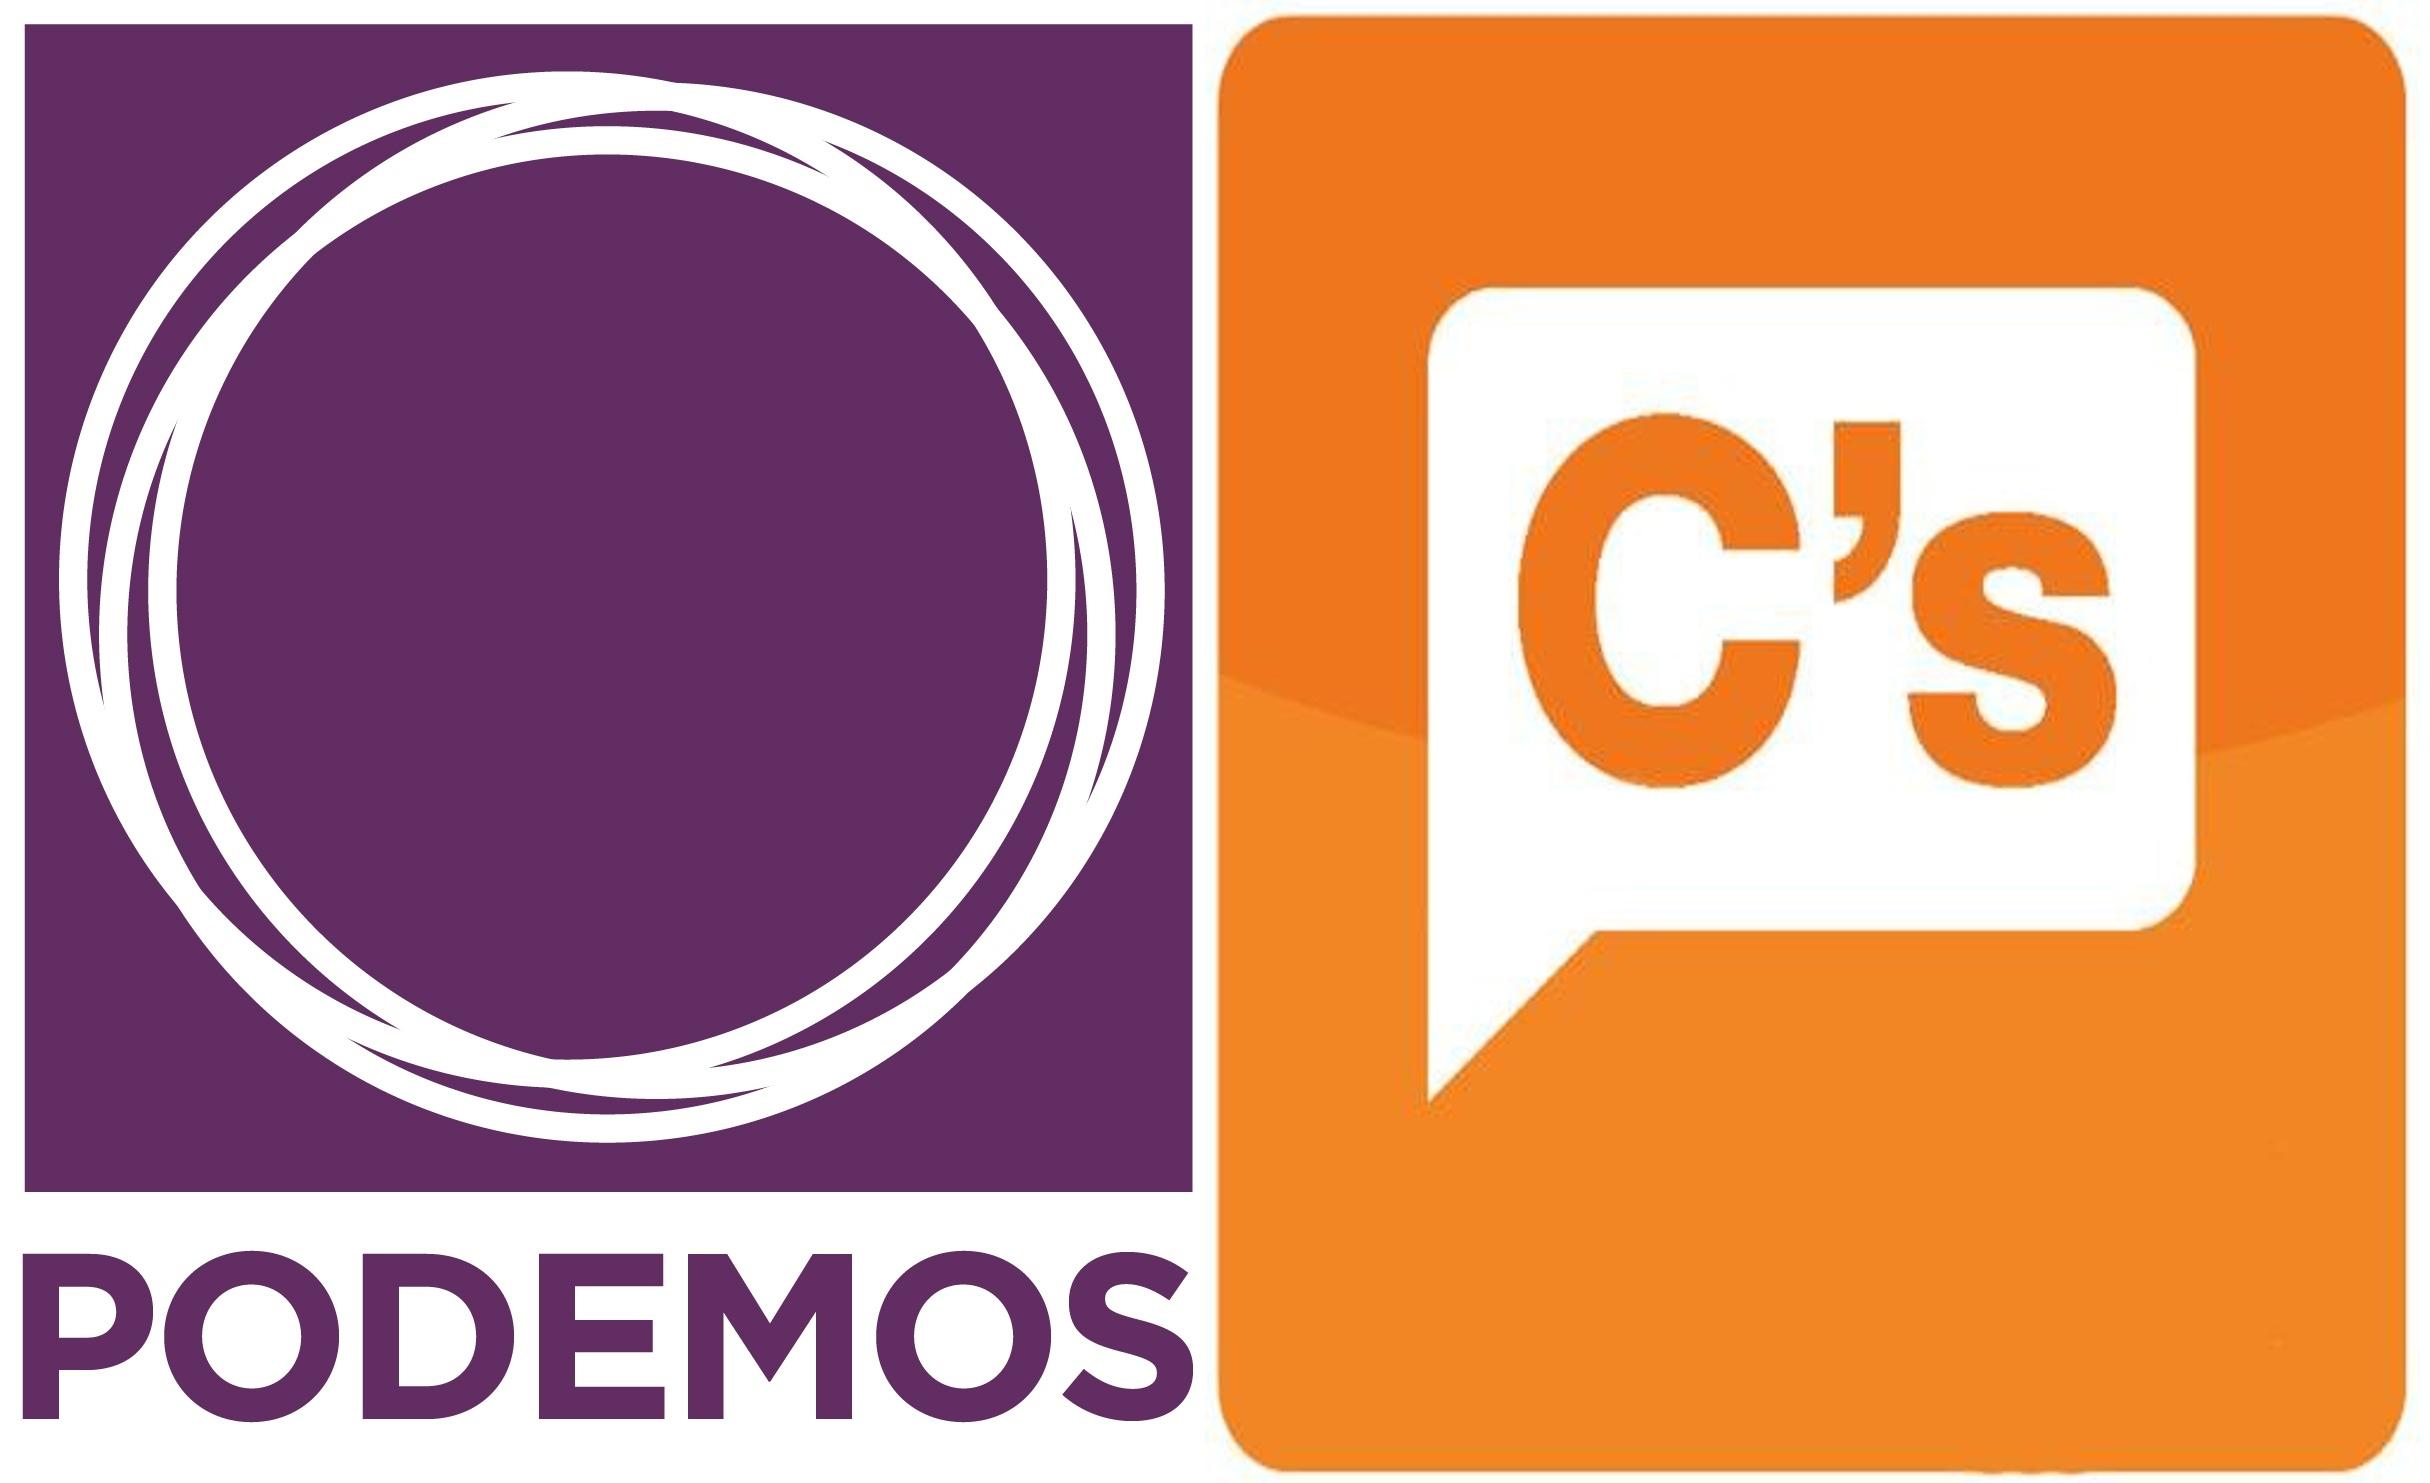 CIS para generales: Ciudadanos adelanta a Podemos, pero queda lejos ...